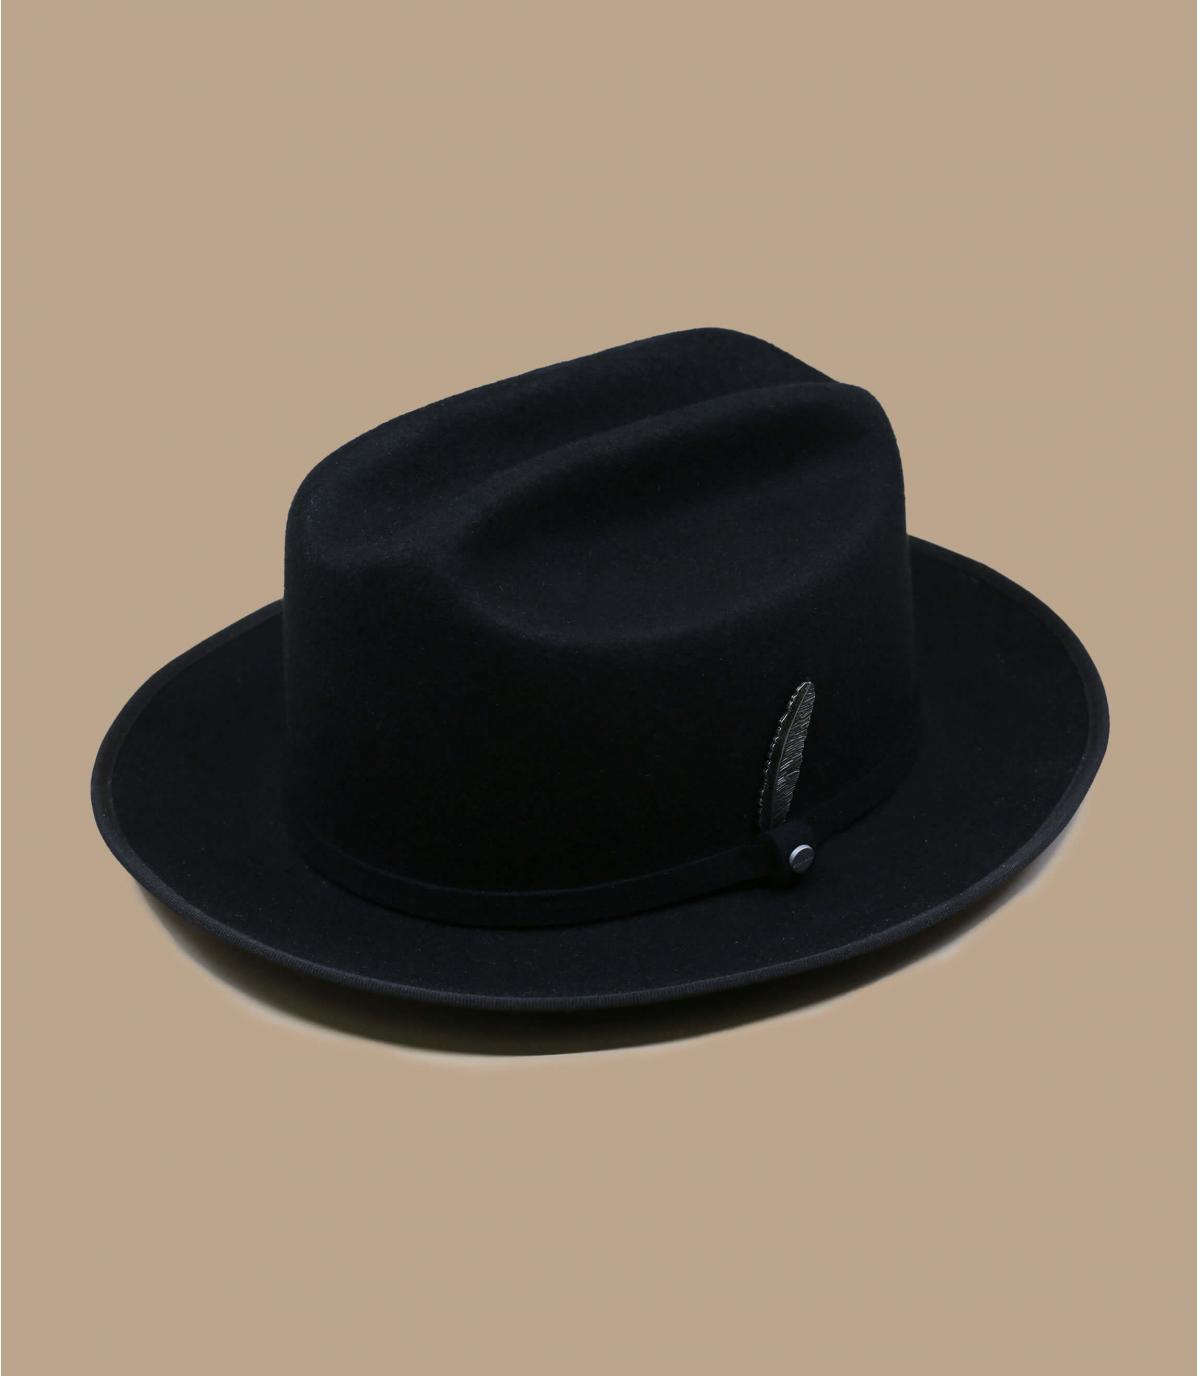 cappello di feltro nero Stetson